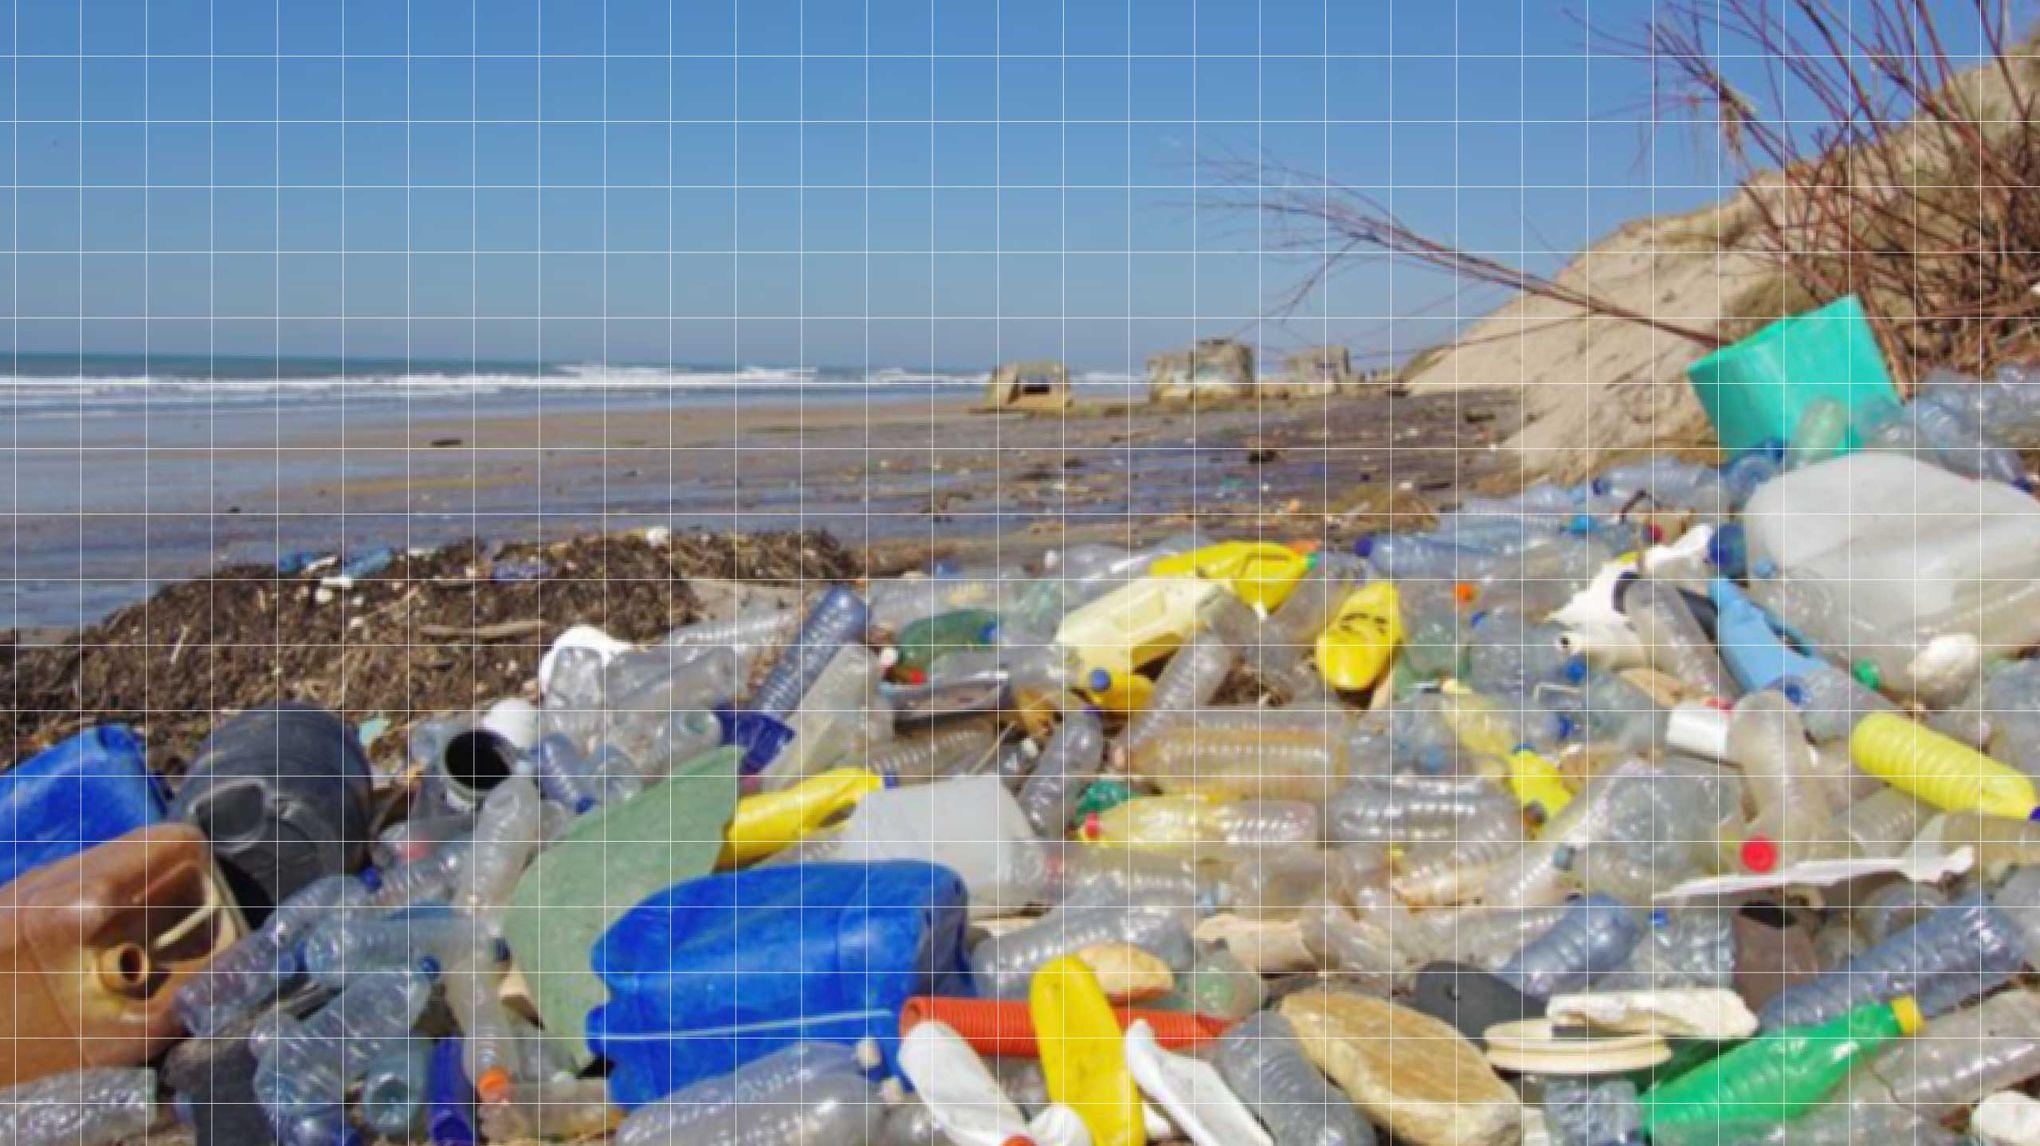 Achat/Vente gamme exclusive trouver le prix le plus bas Plastique: quel est le problème?